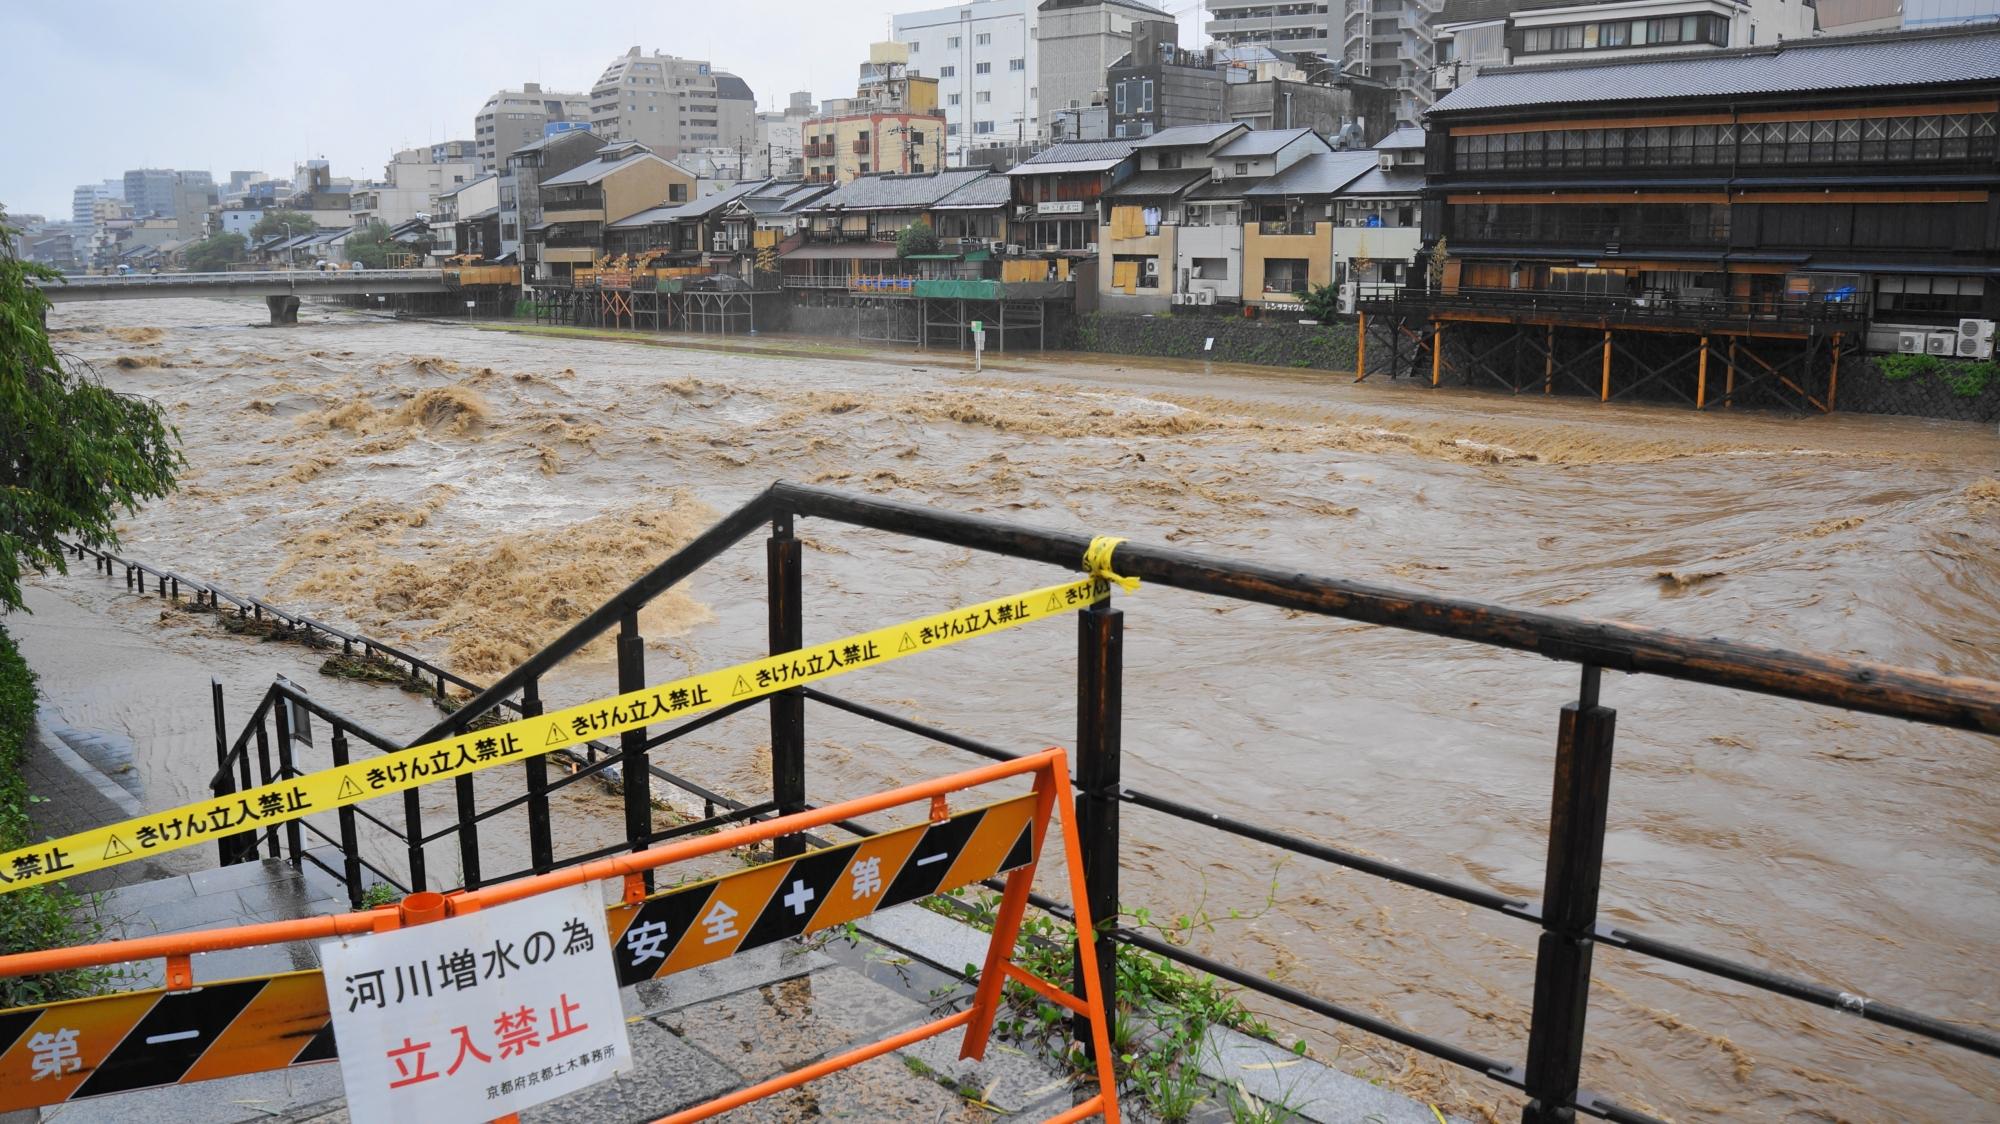 台風11号の大雨で濁流と化した鴨川の四条大橋東側